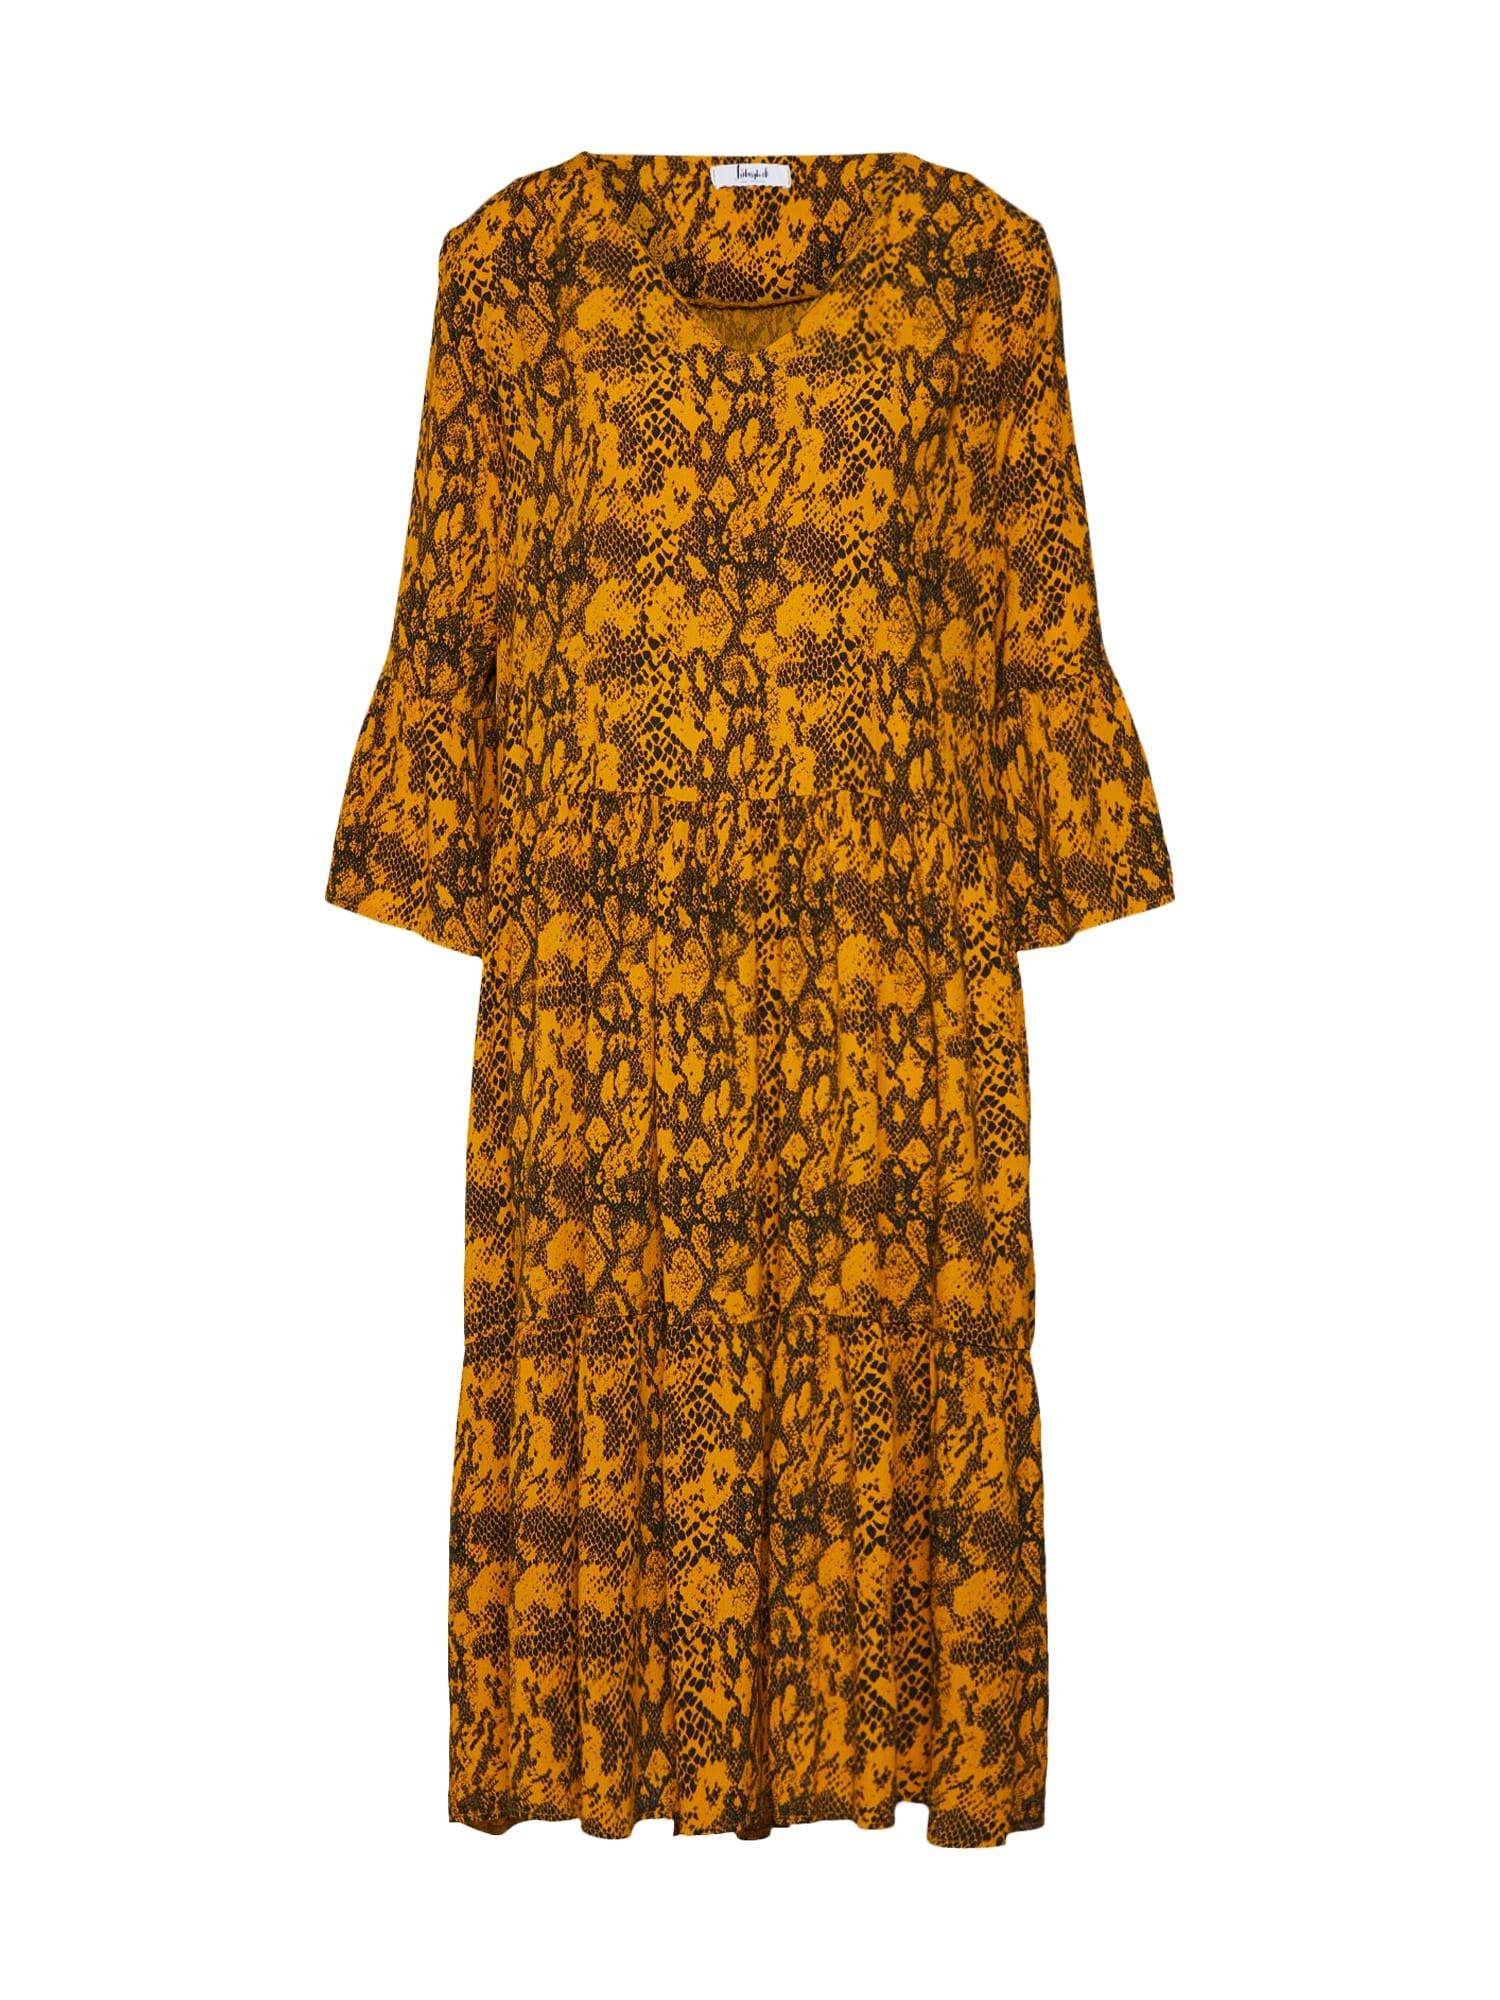 Šaty LG008350 zlatě žlutá antracitová Liebesglück